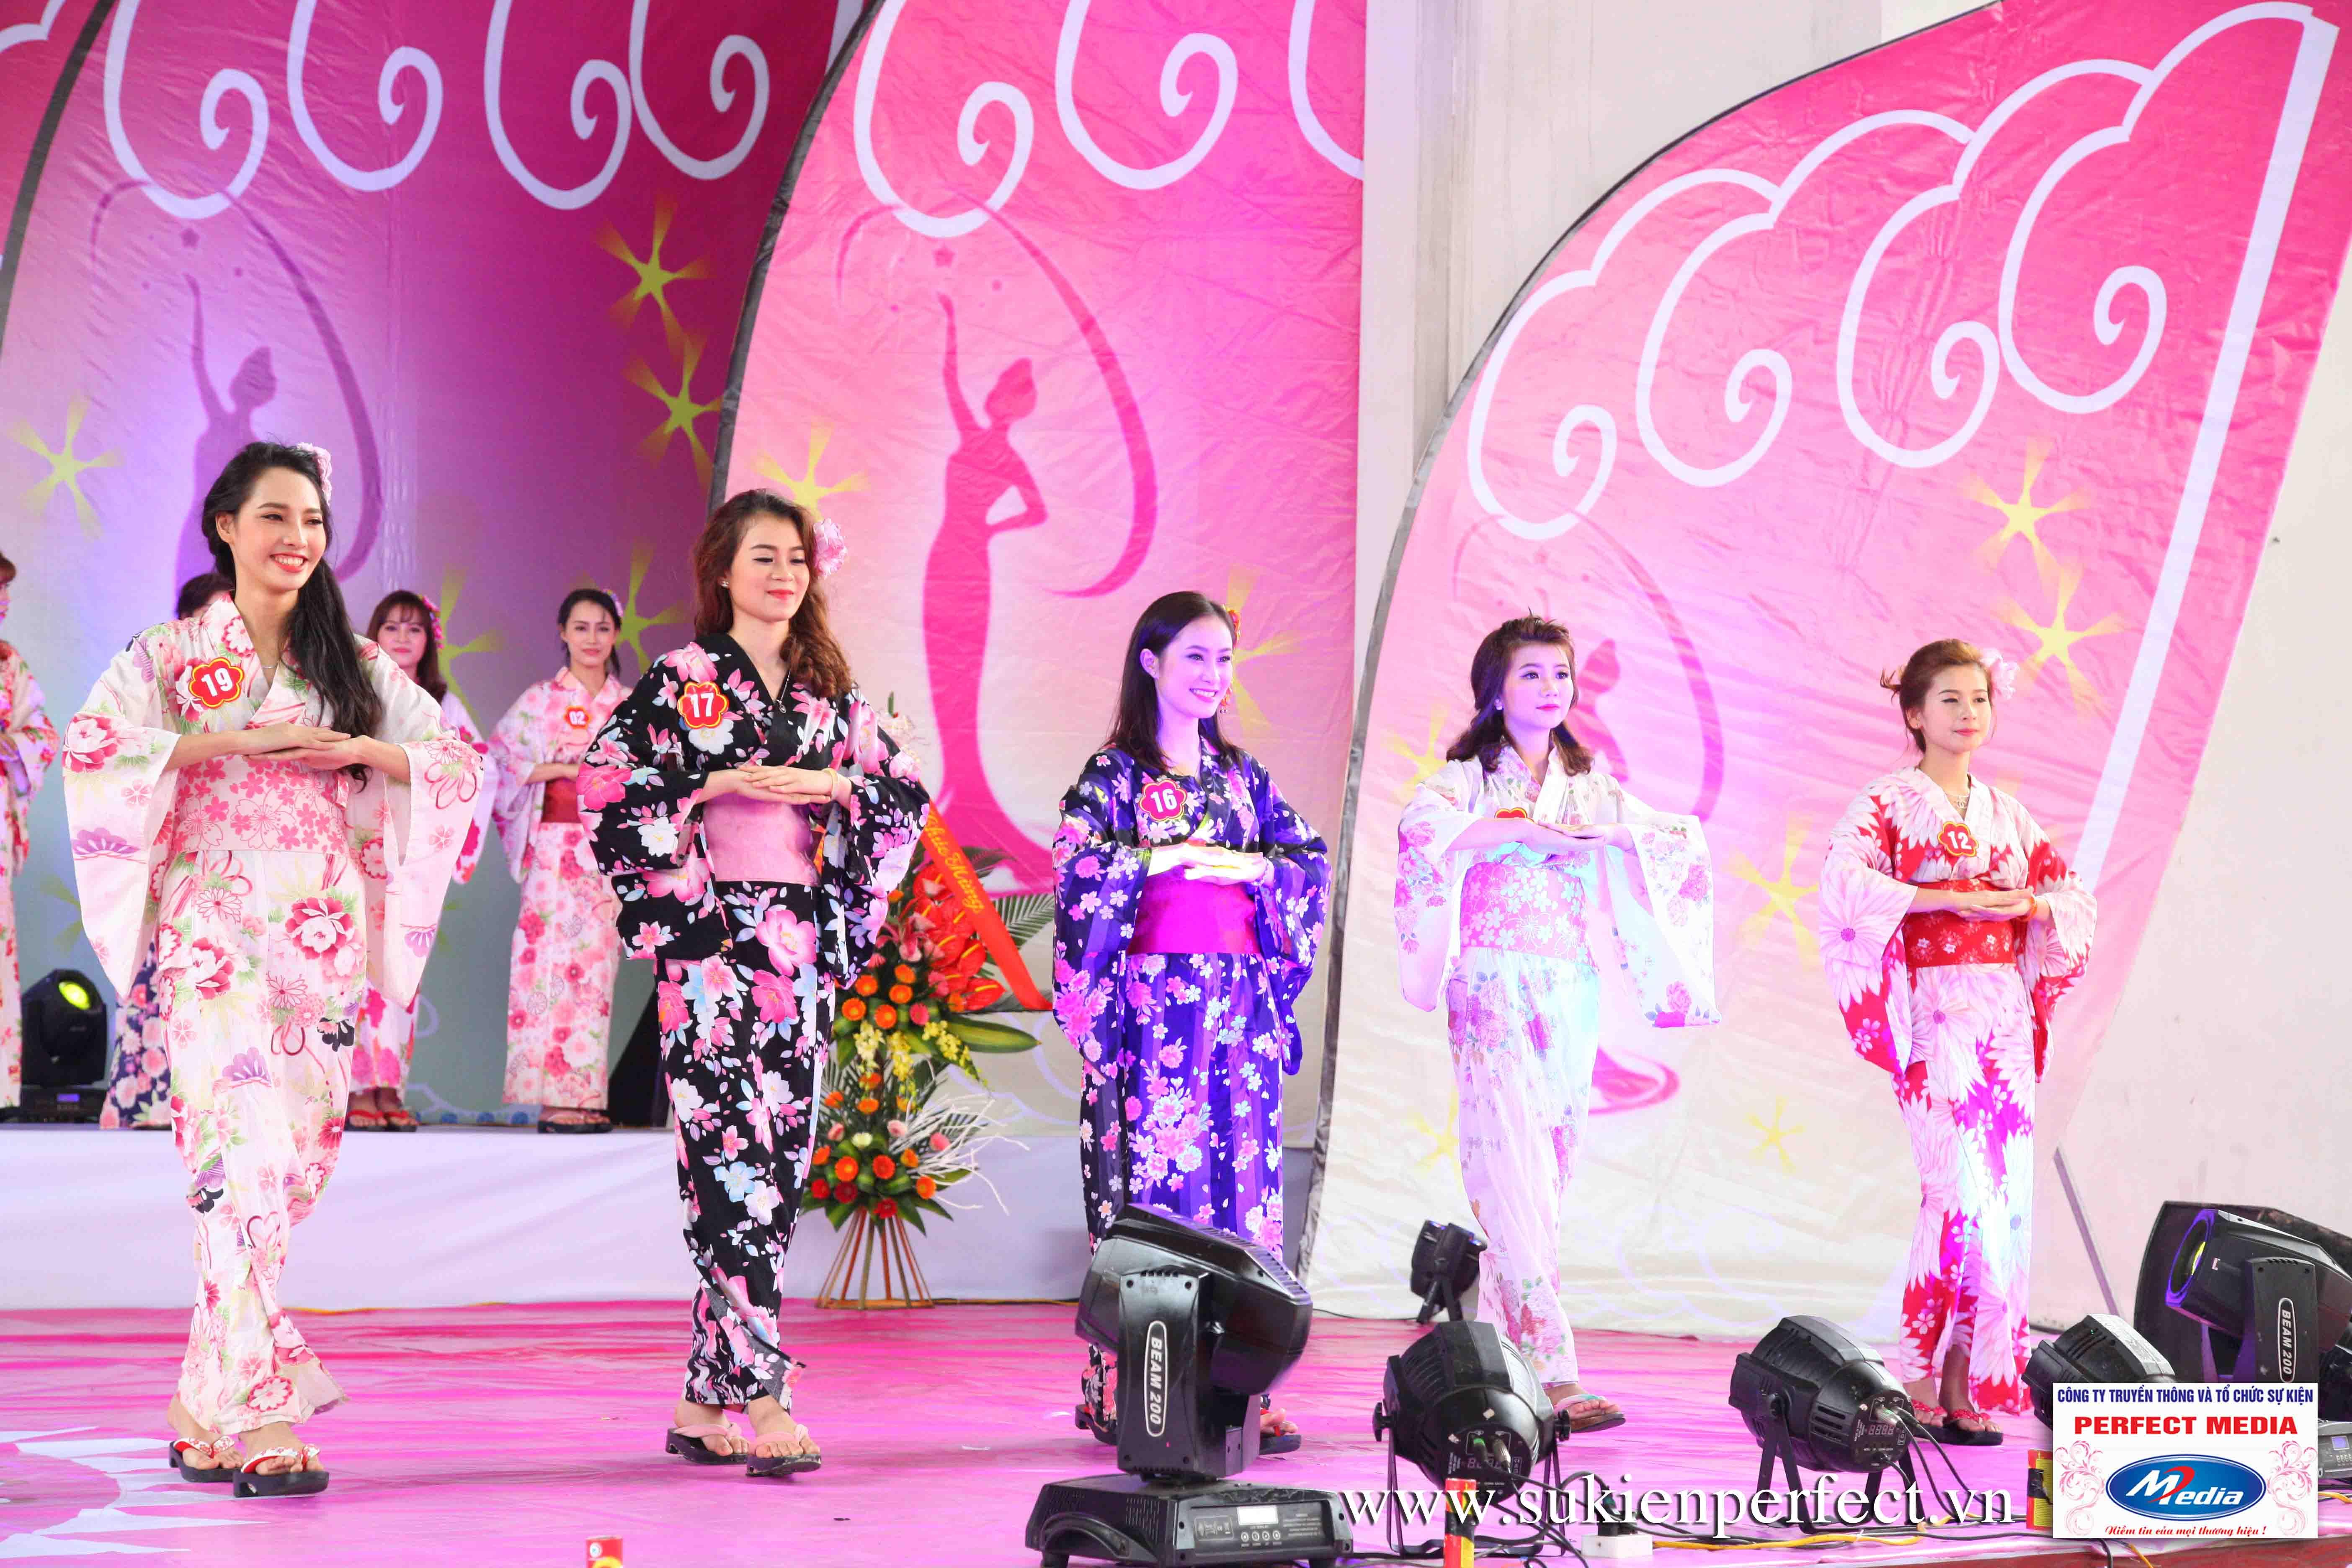 Hình ảnh các thí sinh trong trang phục Kimono - Người đẹp Yazaki Quảng Ninh 2016 - 24